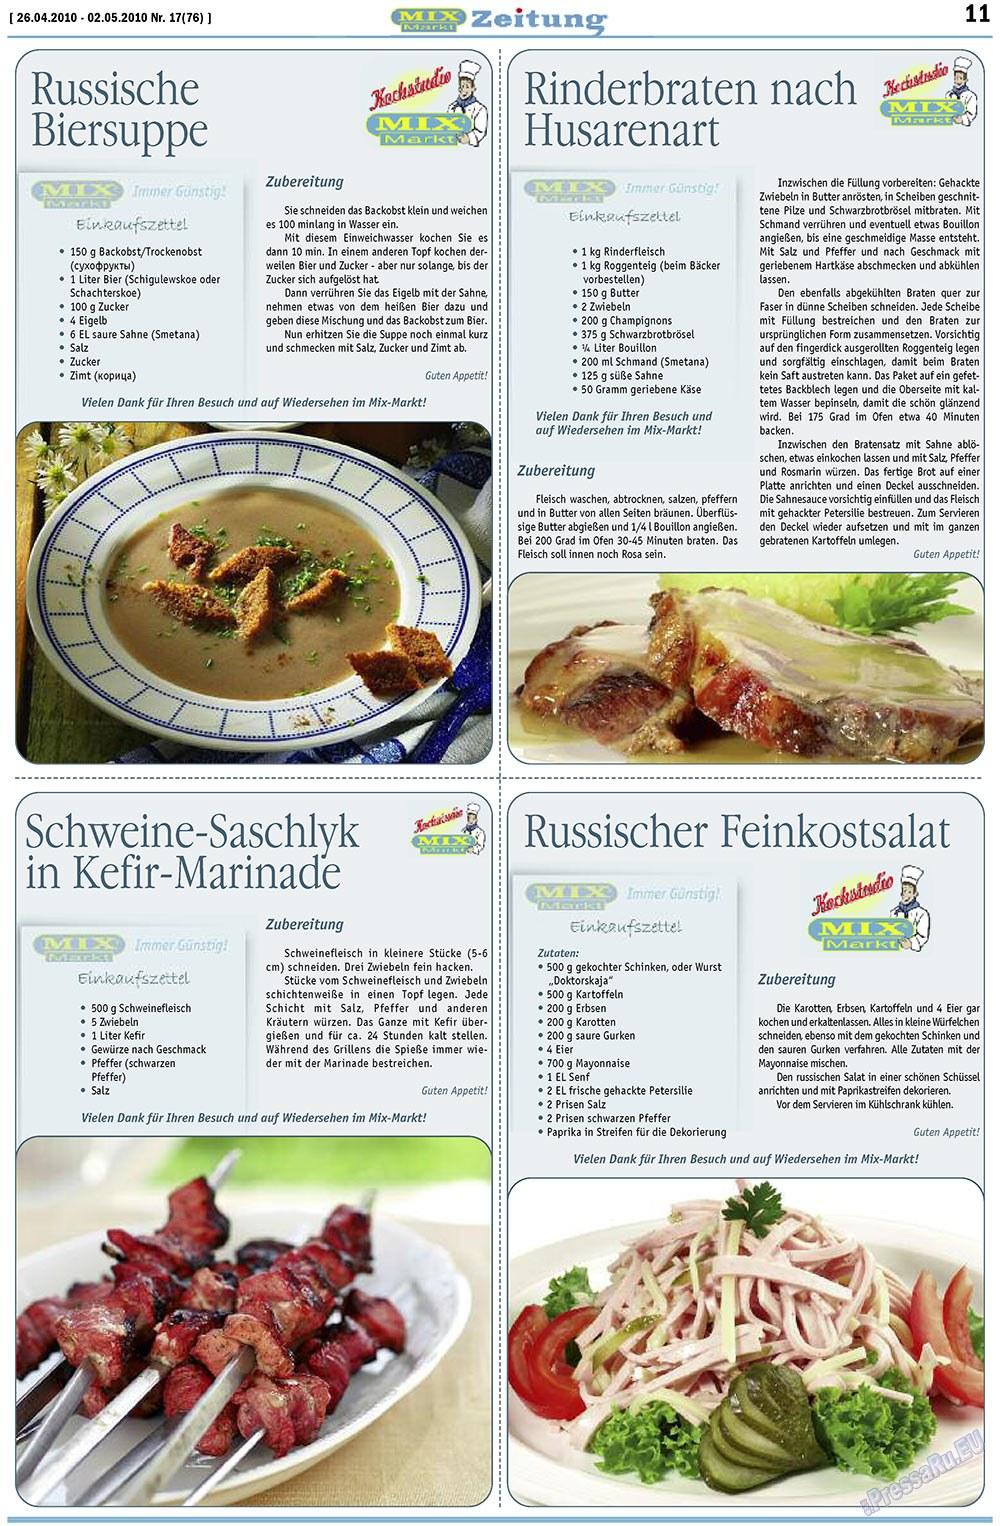 MIX-Markt Zeitung (газета). 2010 год, номер 17, стр. 11